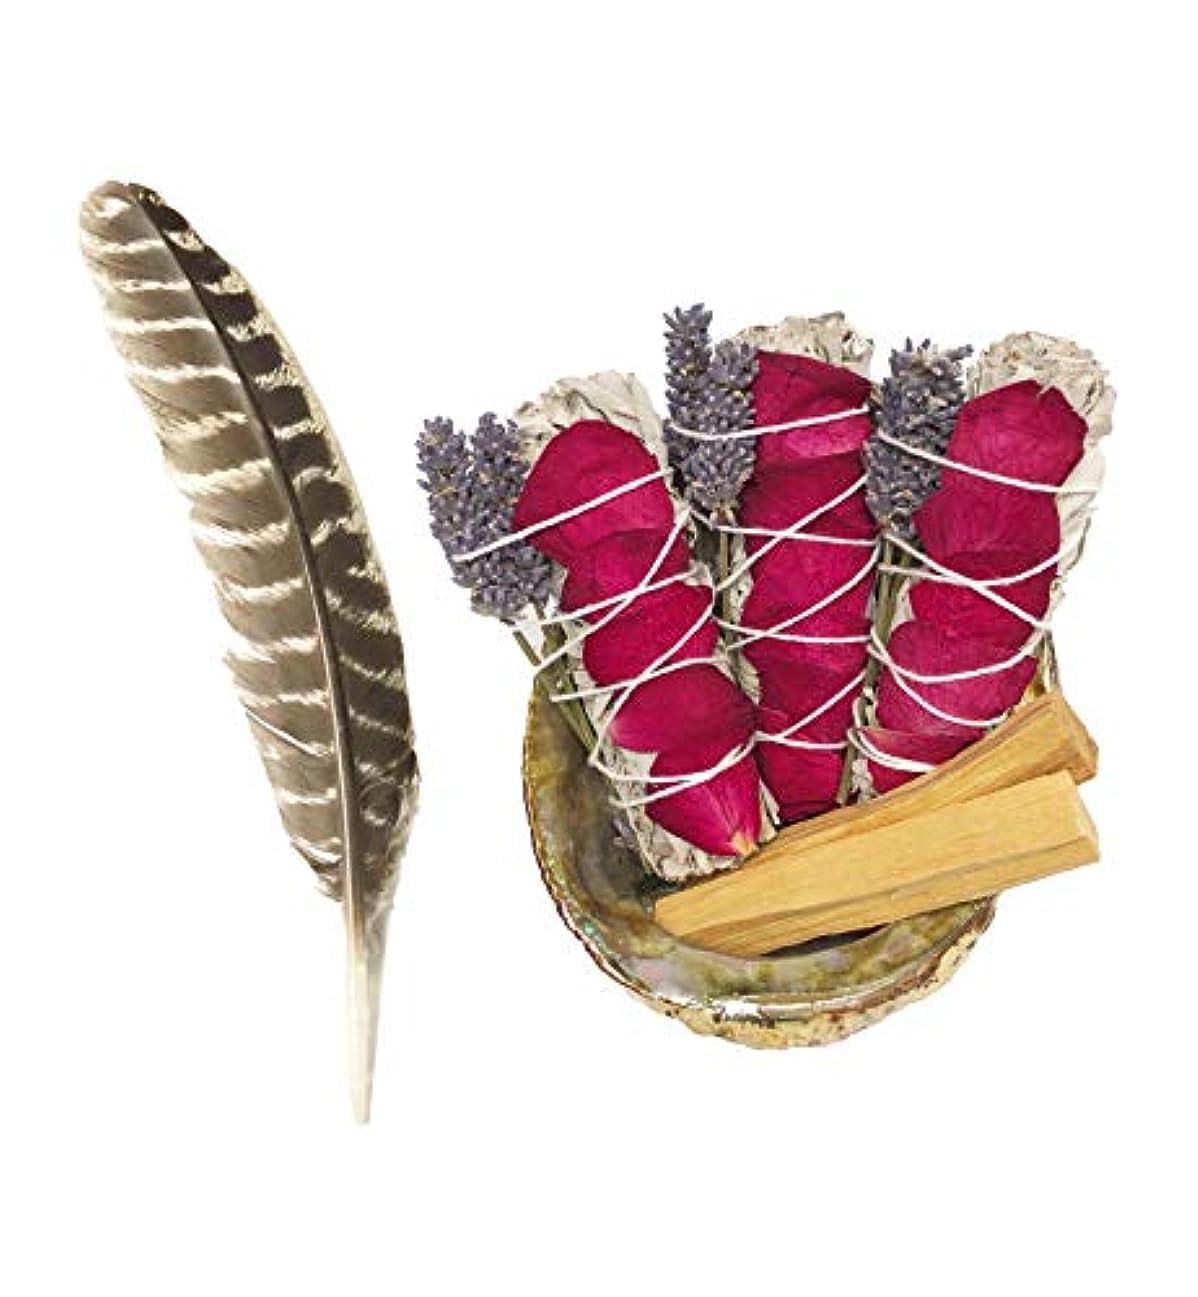 課税任命隠ホワイトセージスマッジキット – ホワイトセージ6本、パロサント2本、フェザー、キャンドル2本、手作りフクロウバスケット (大型1個とミニ2個) 癒し、浄化、瞑想、香り、浄化。